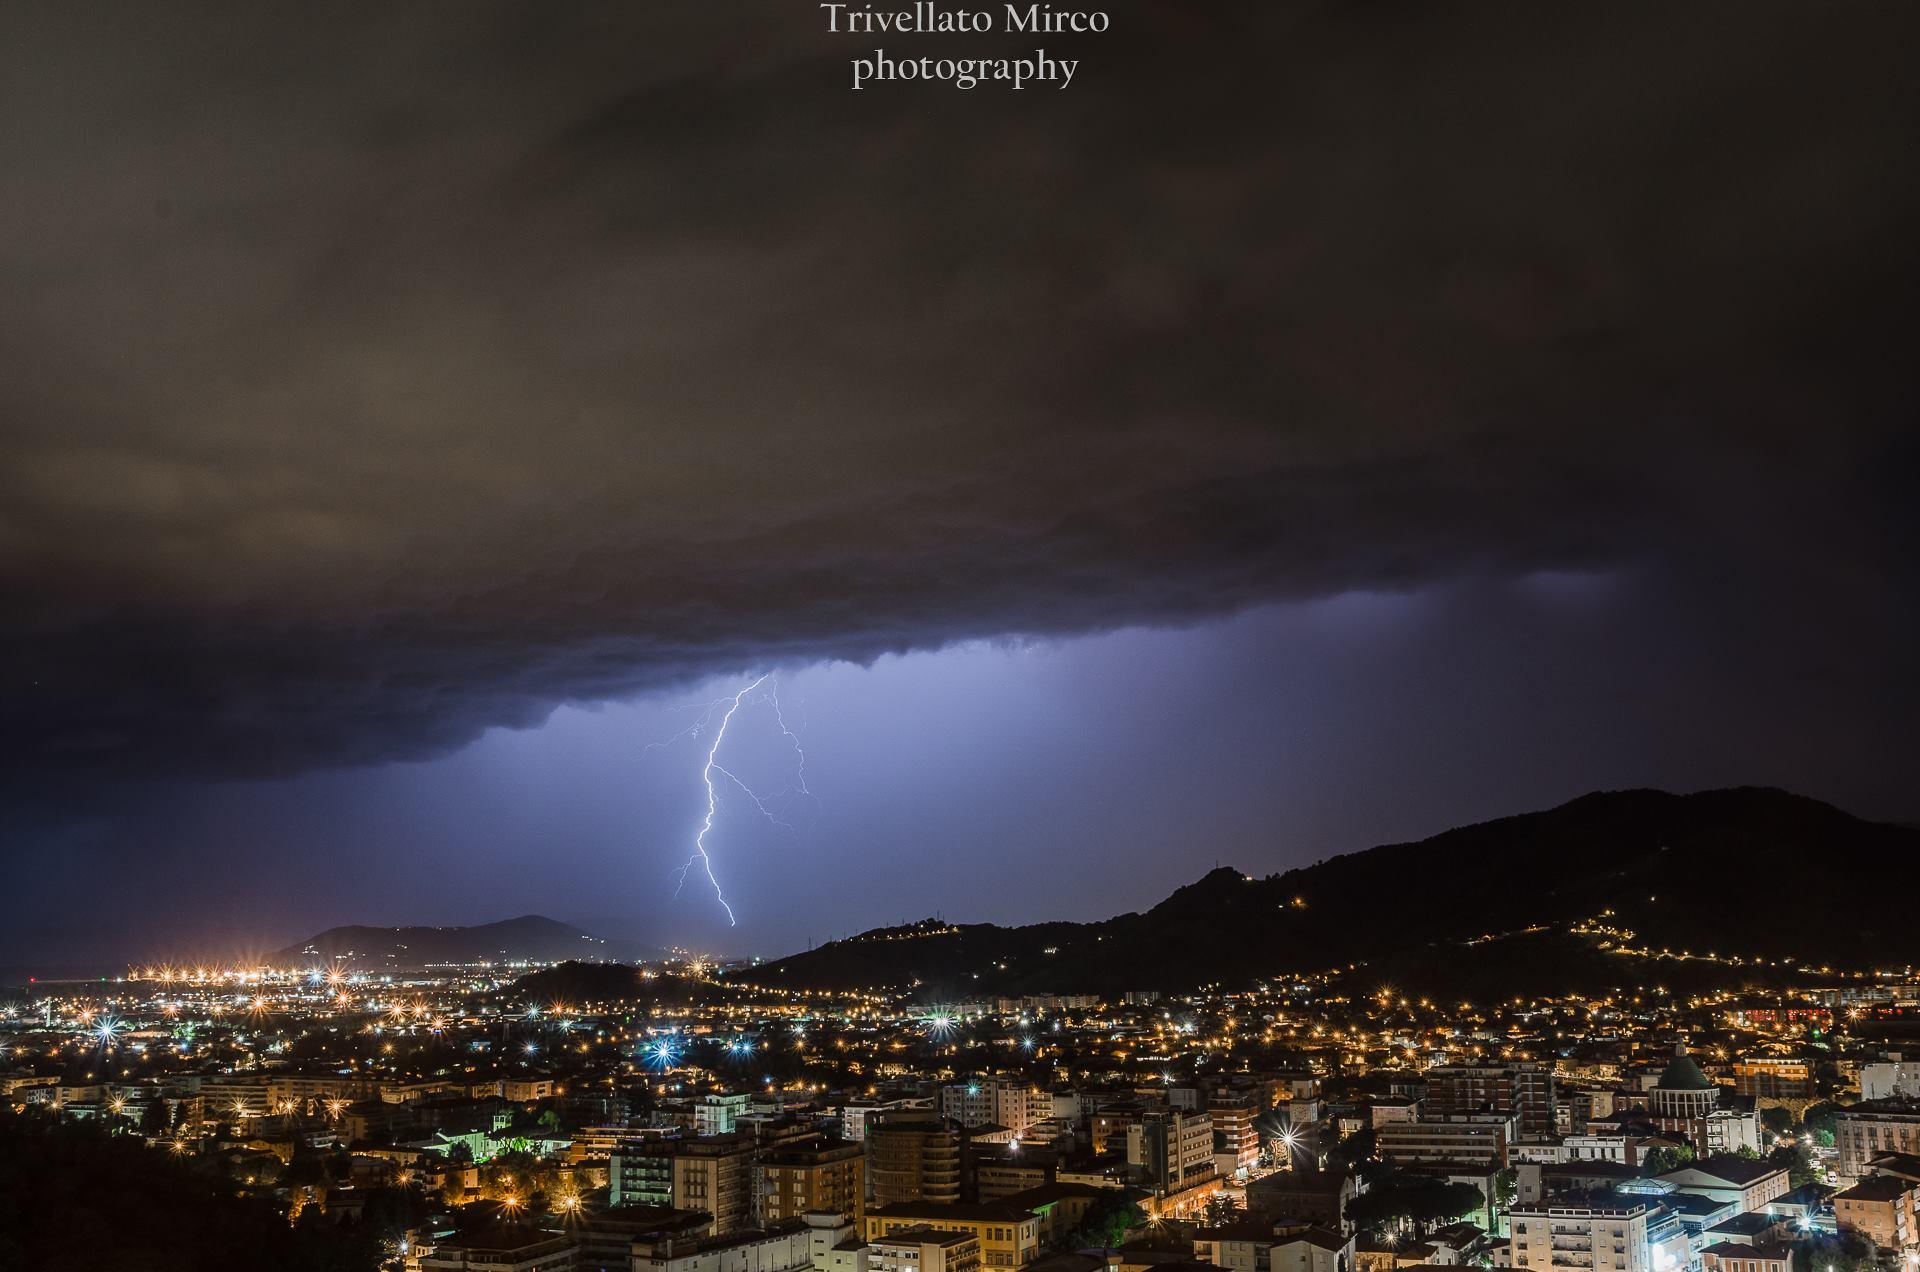 Maltempo, allerta meteo per forti temporali nella provincia di Massa Carrara